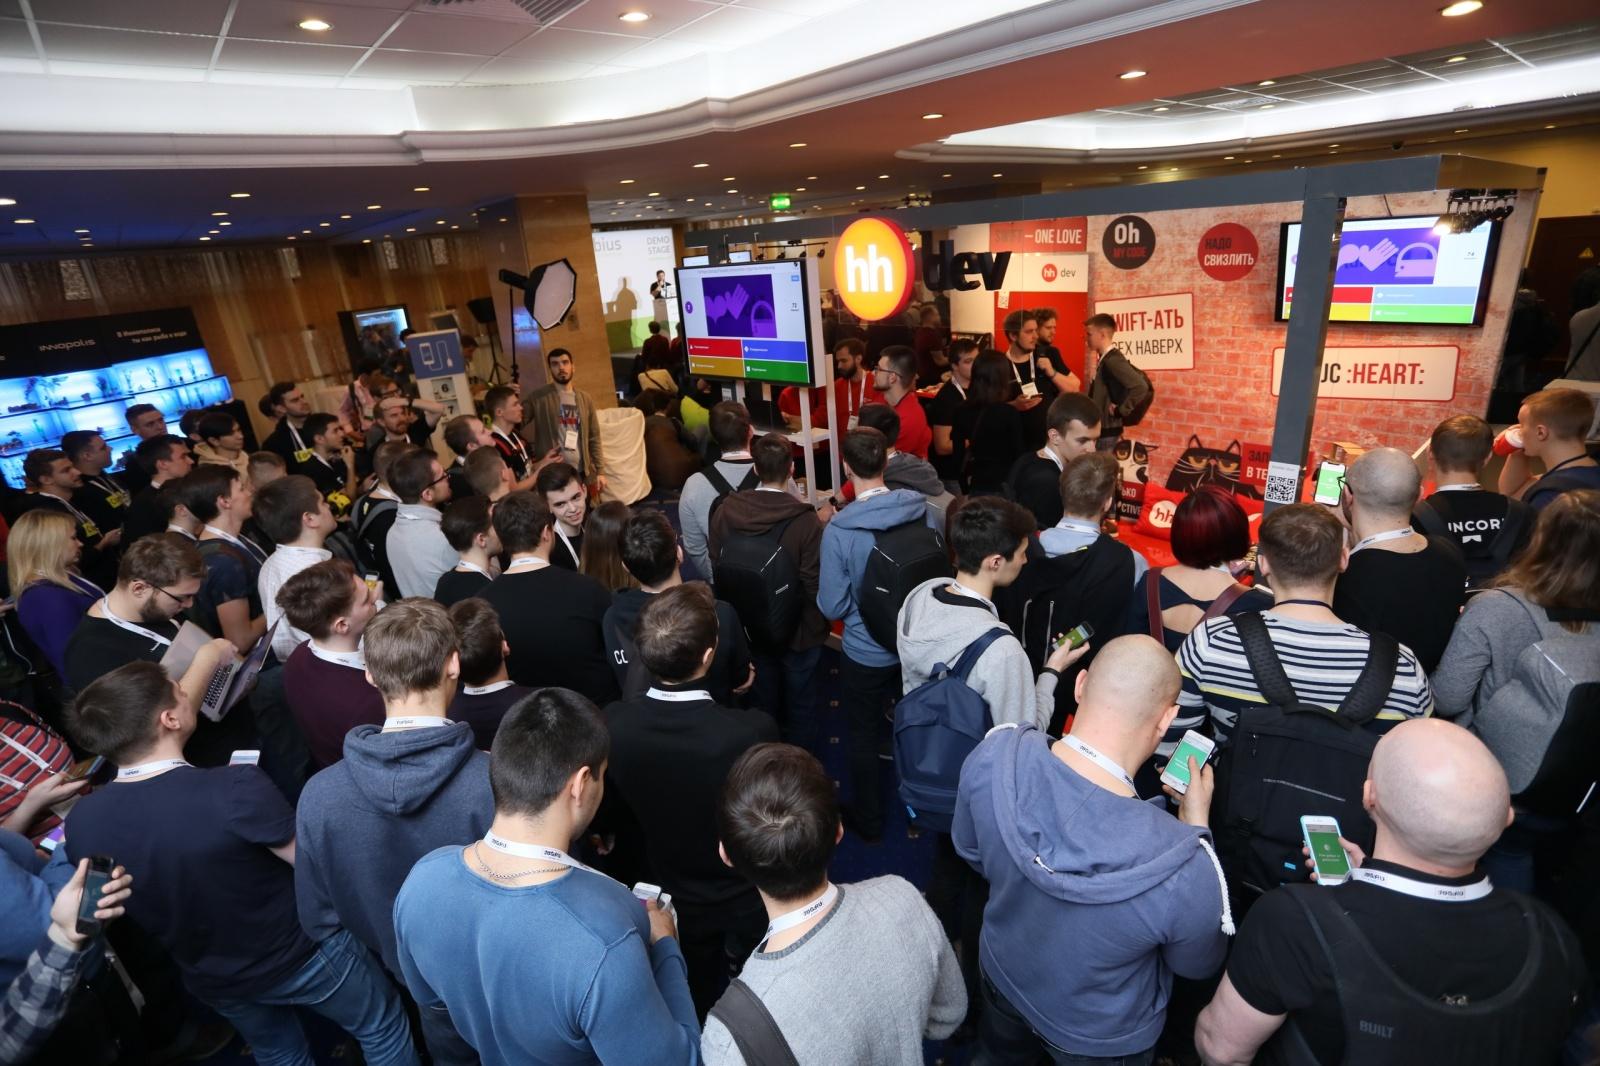 Разбор конкурса-квиза по Android со стенда HeadHunter на Mobius 2018 Moscow - 1